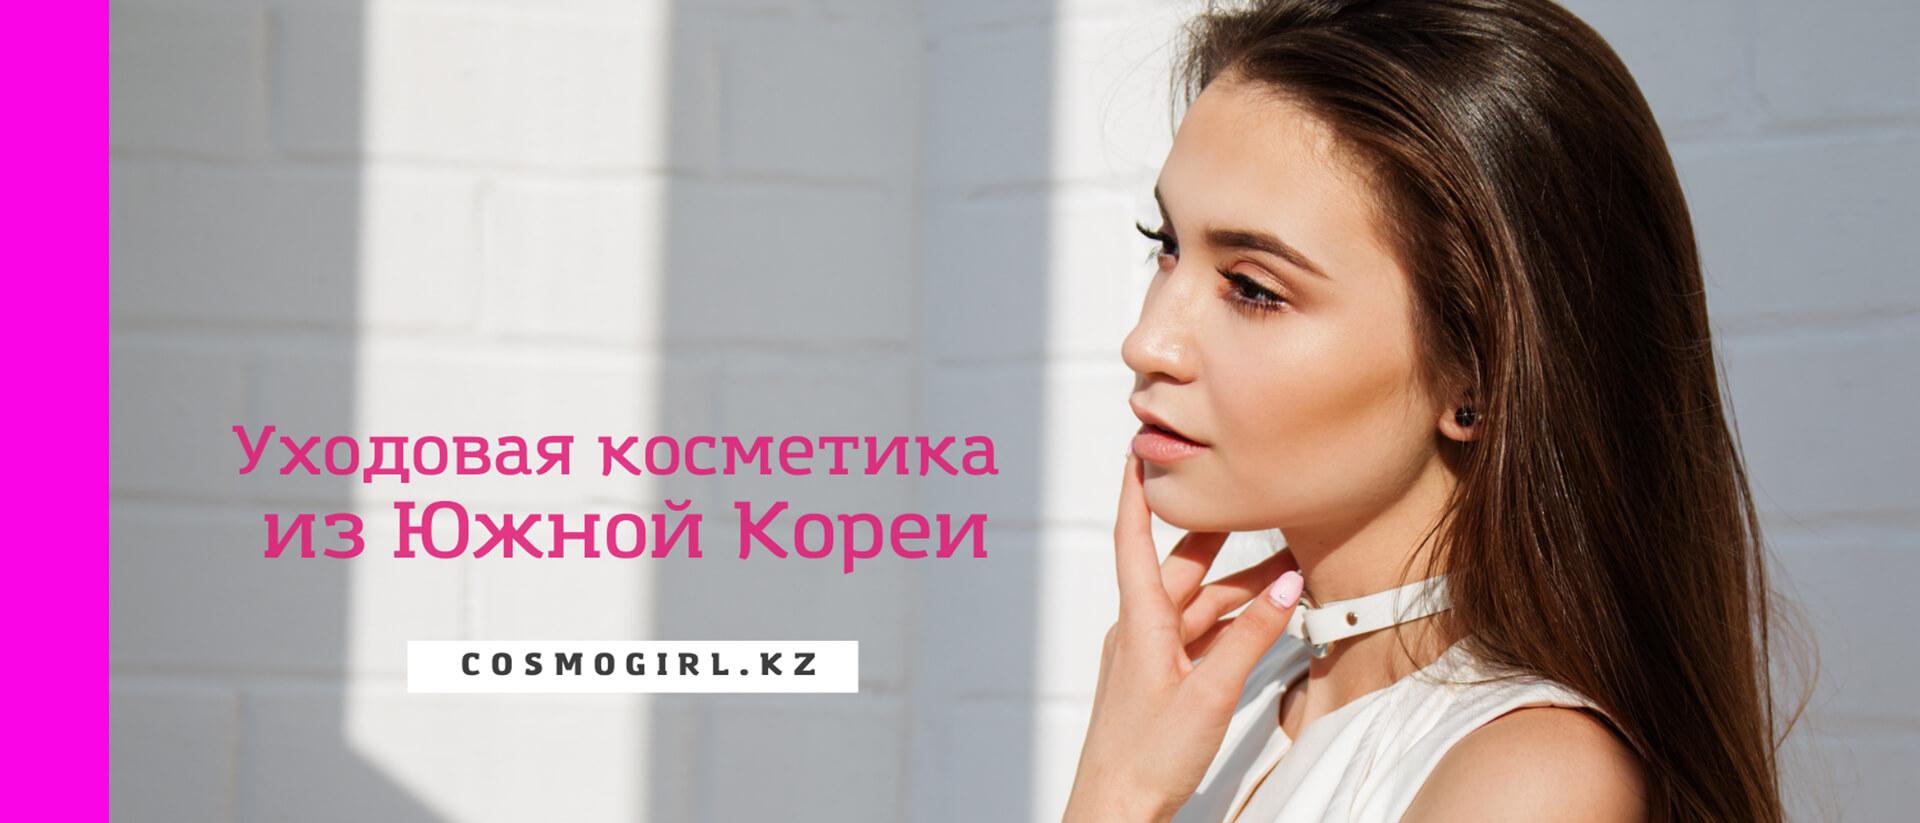 Купить уходовую косметику в Алматы